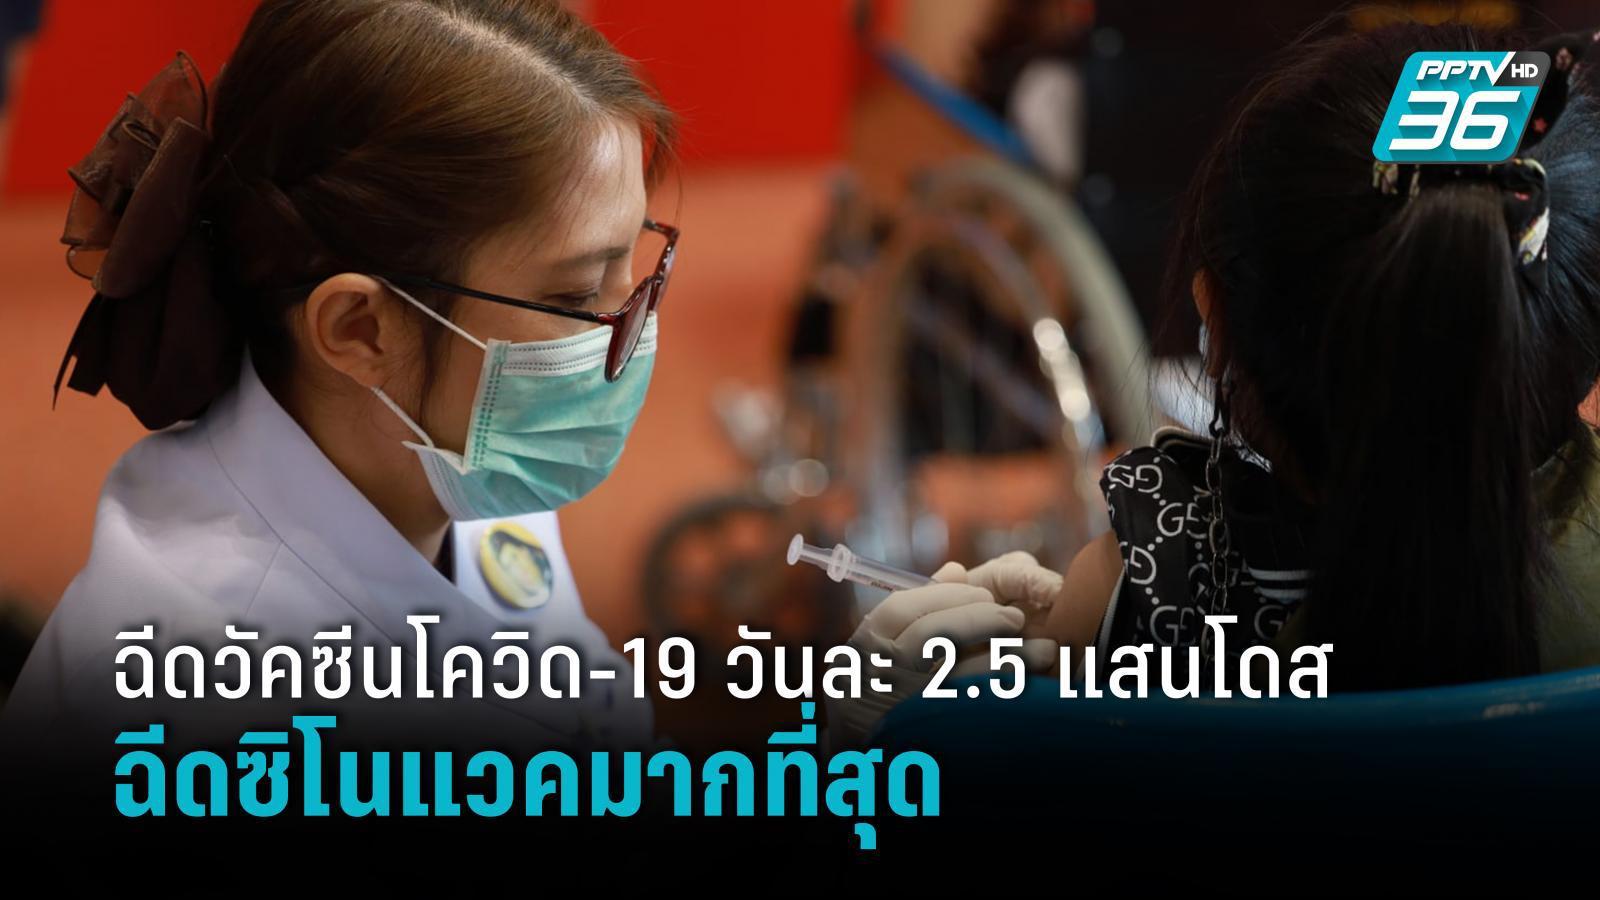 กระทรวงอุดมศึกษาฯ สรุปตัวเลขคนไทยฉีดวัคซีนแล้วกว่า 14 ล้านโดส